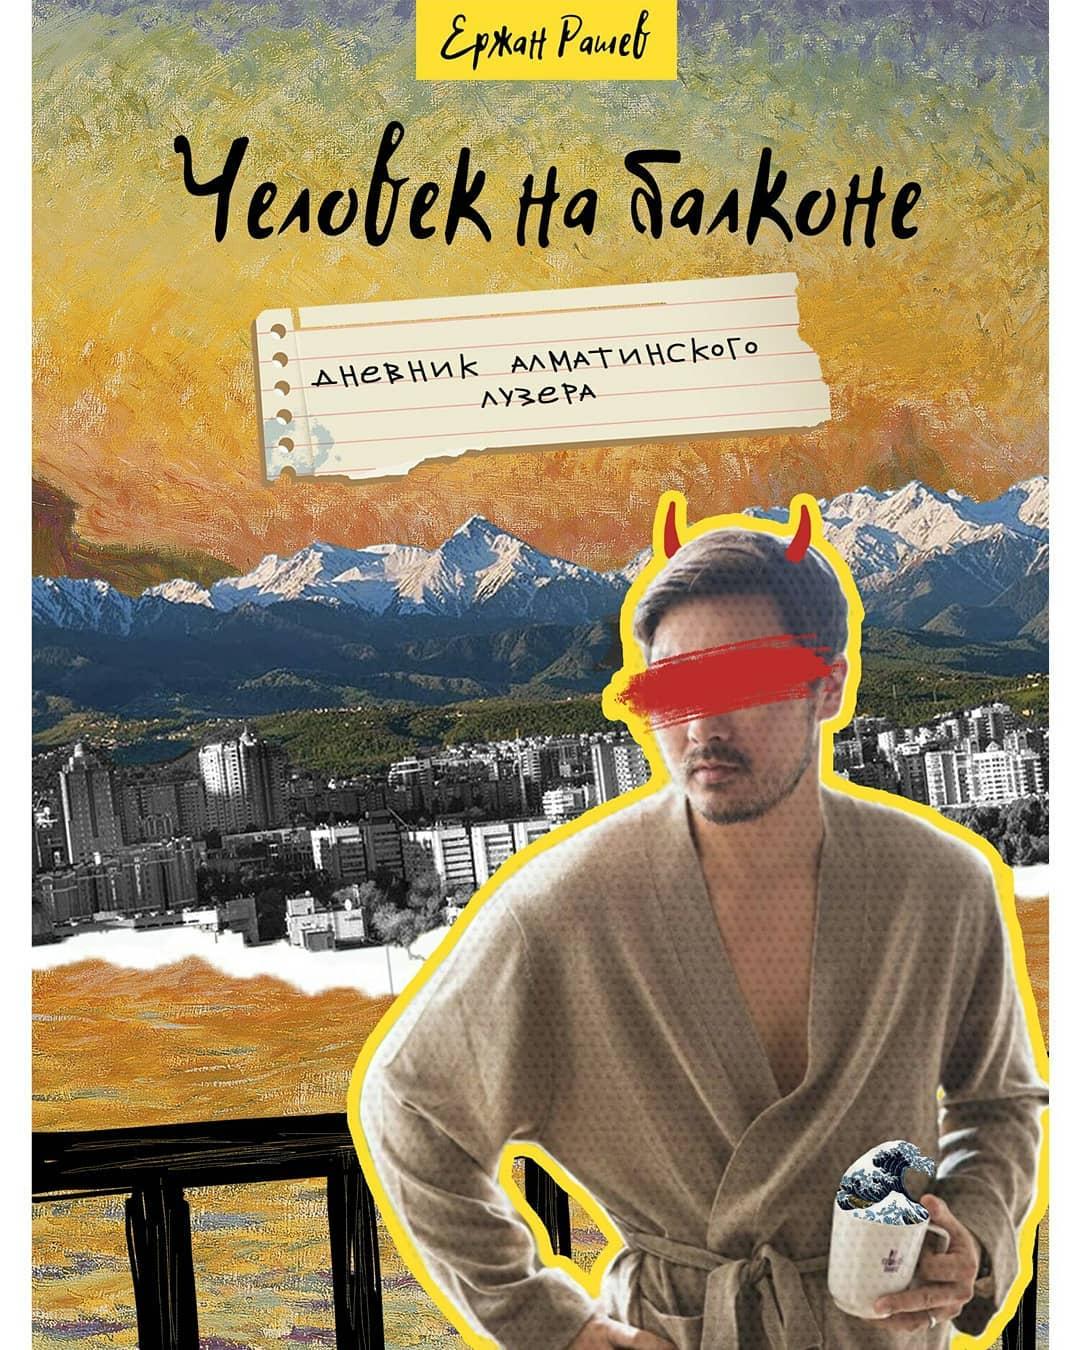 """Конкурсная работа к книге Ержана Рашева """"Человек на балконе"""""""